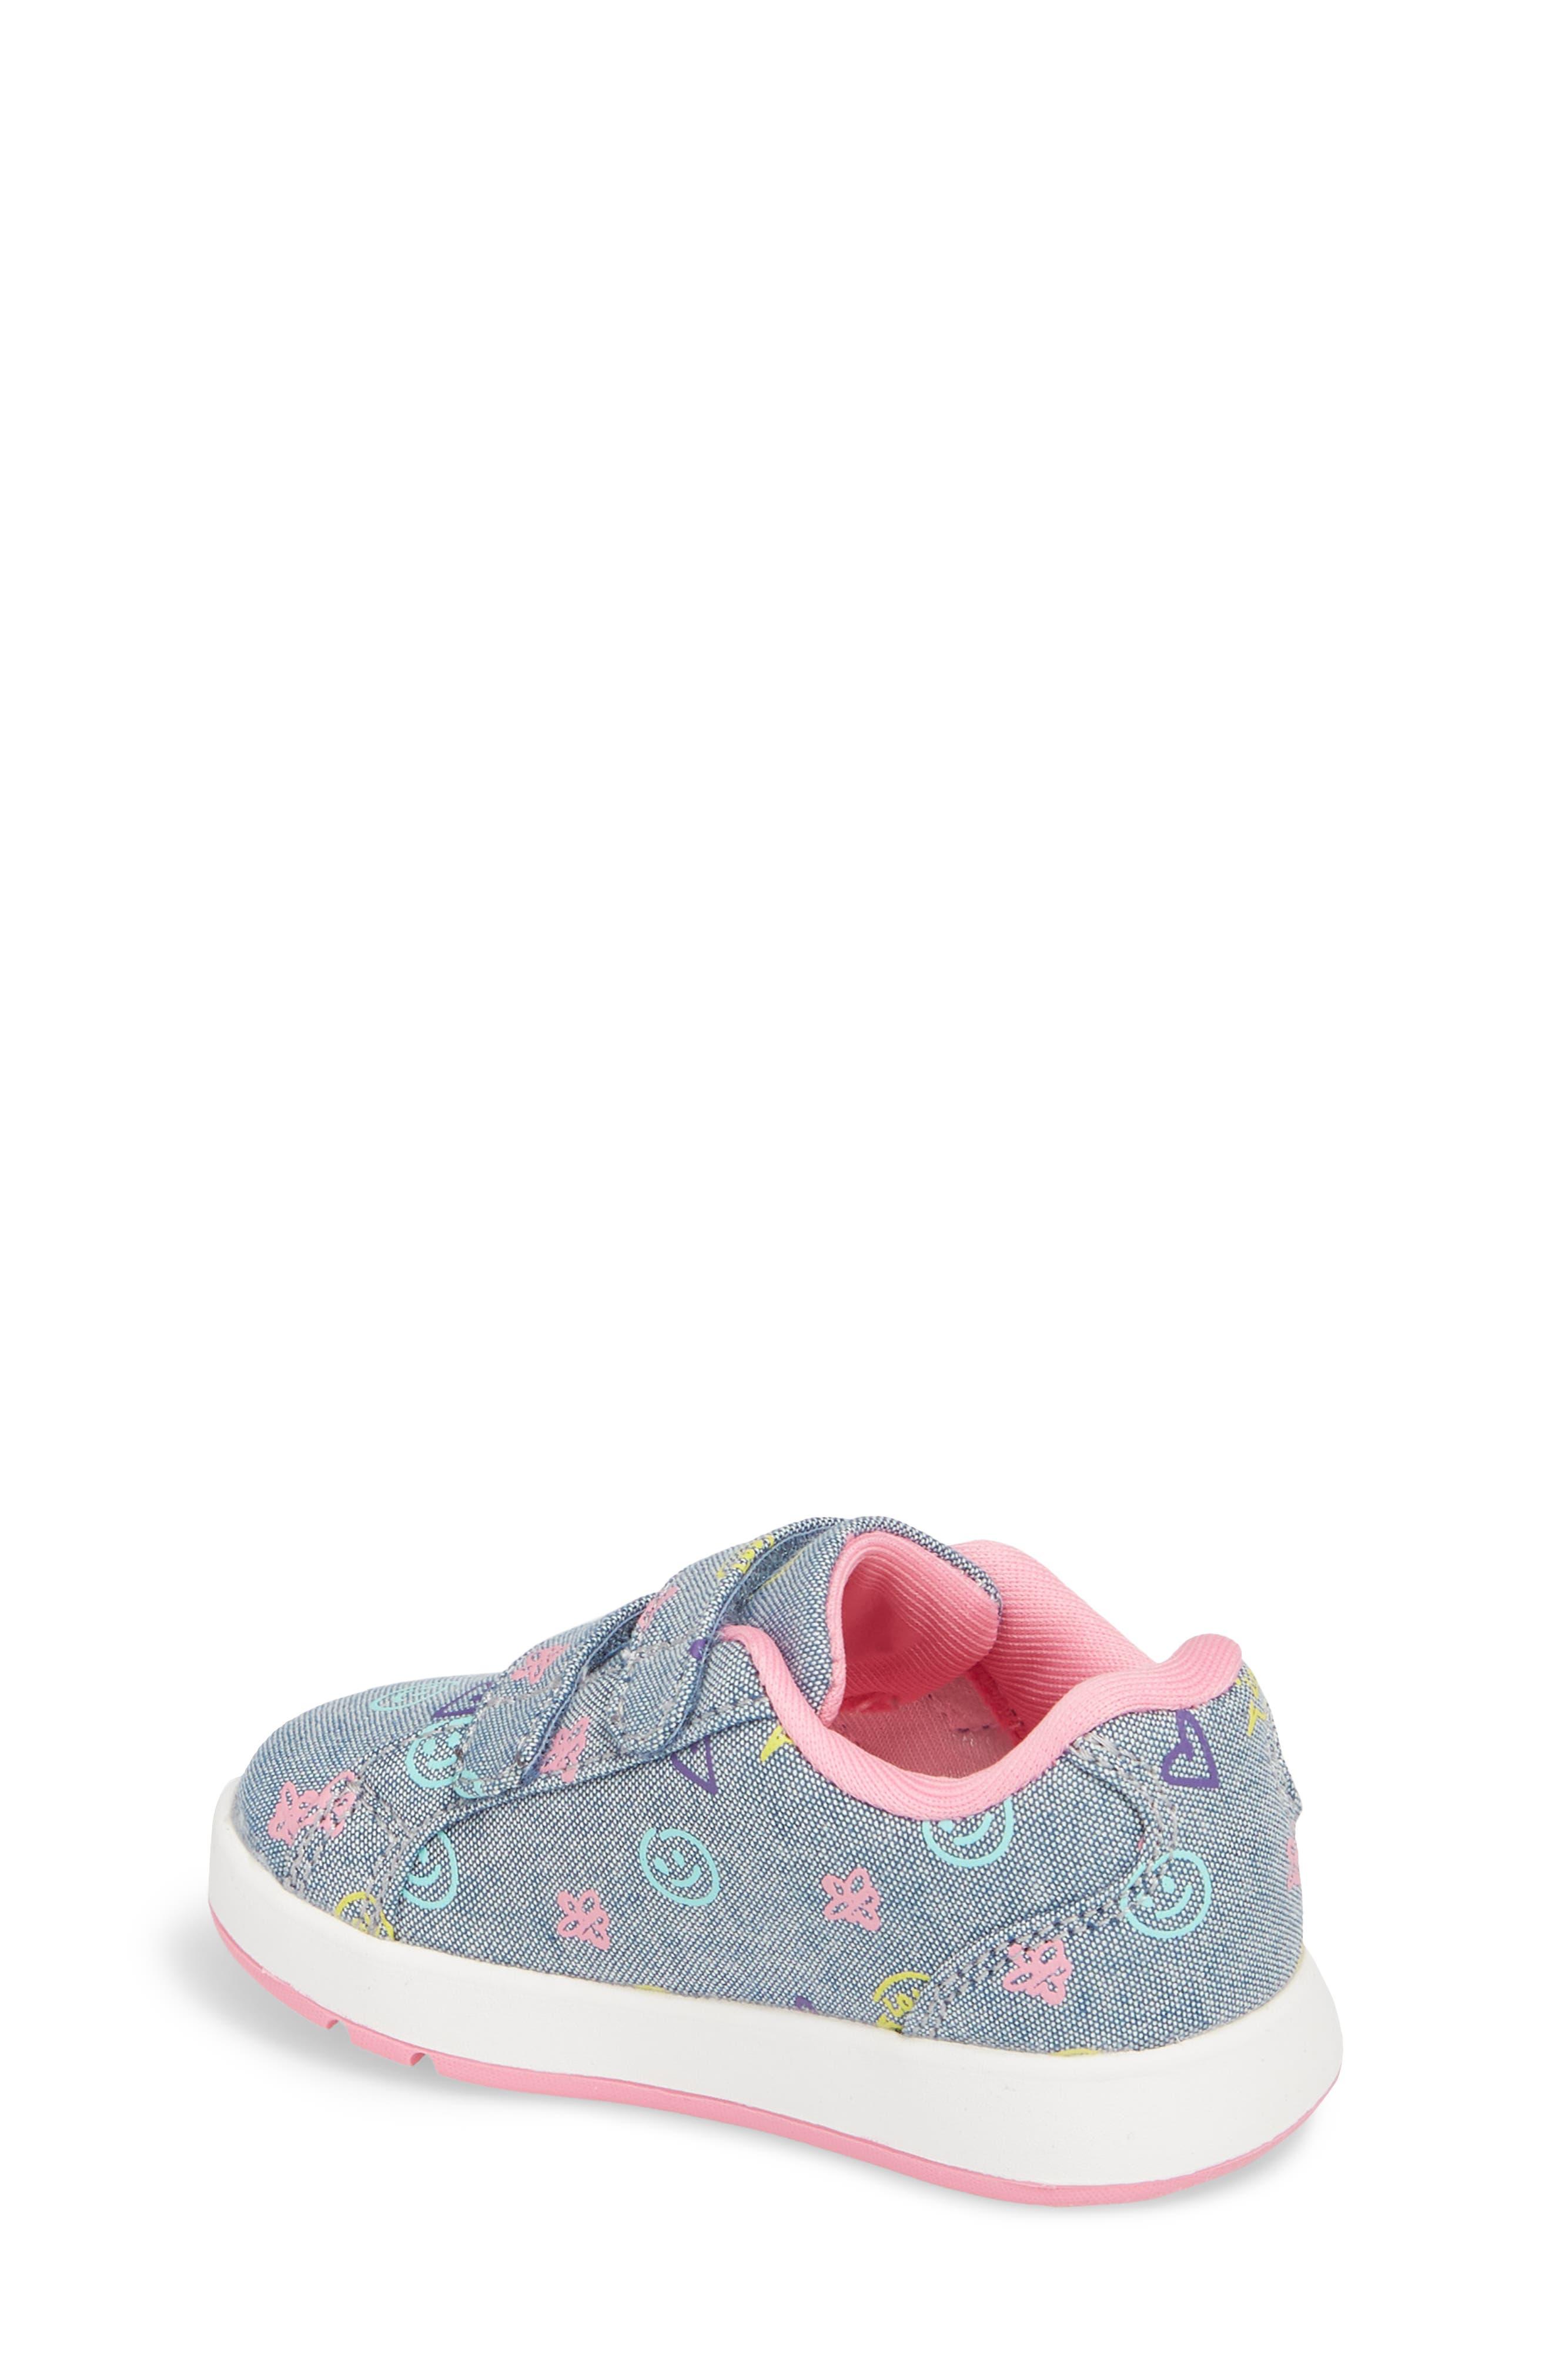 Kate Print Sneaker,                             Alternate thumbnail 2, color,                             Blue Denim Printed Fabric